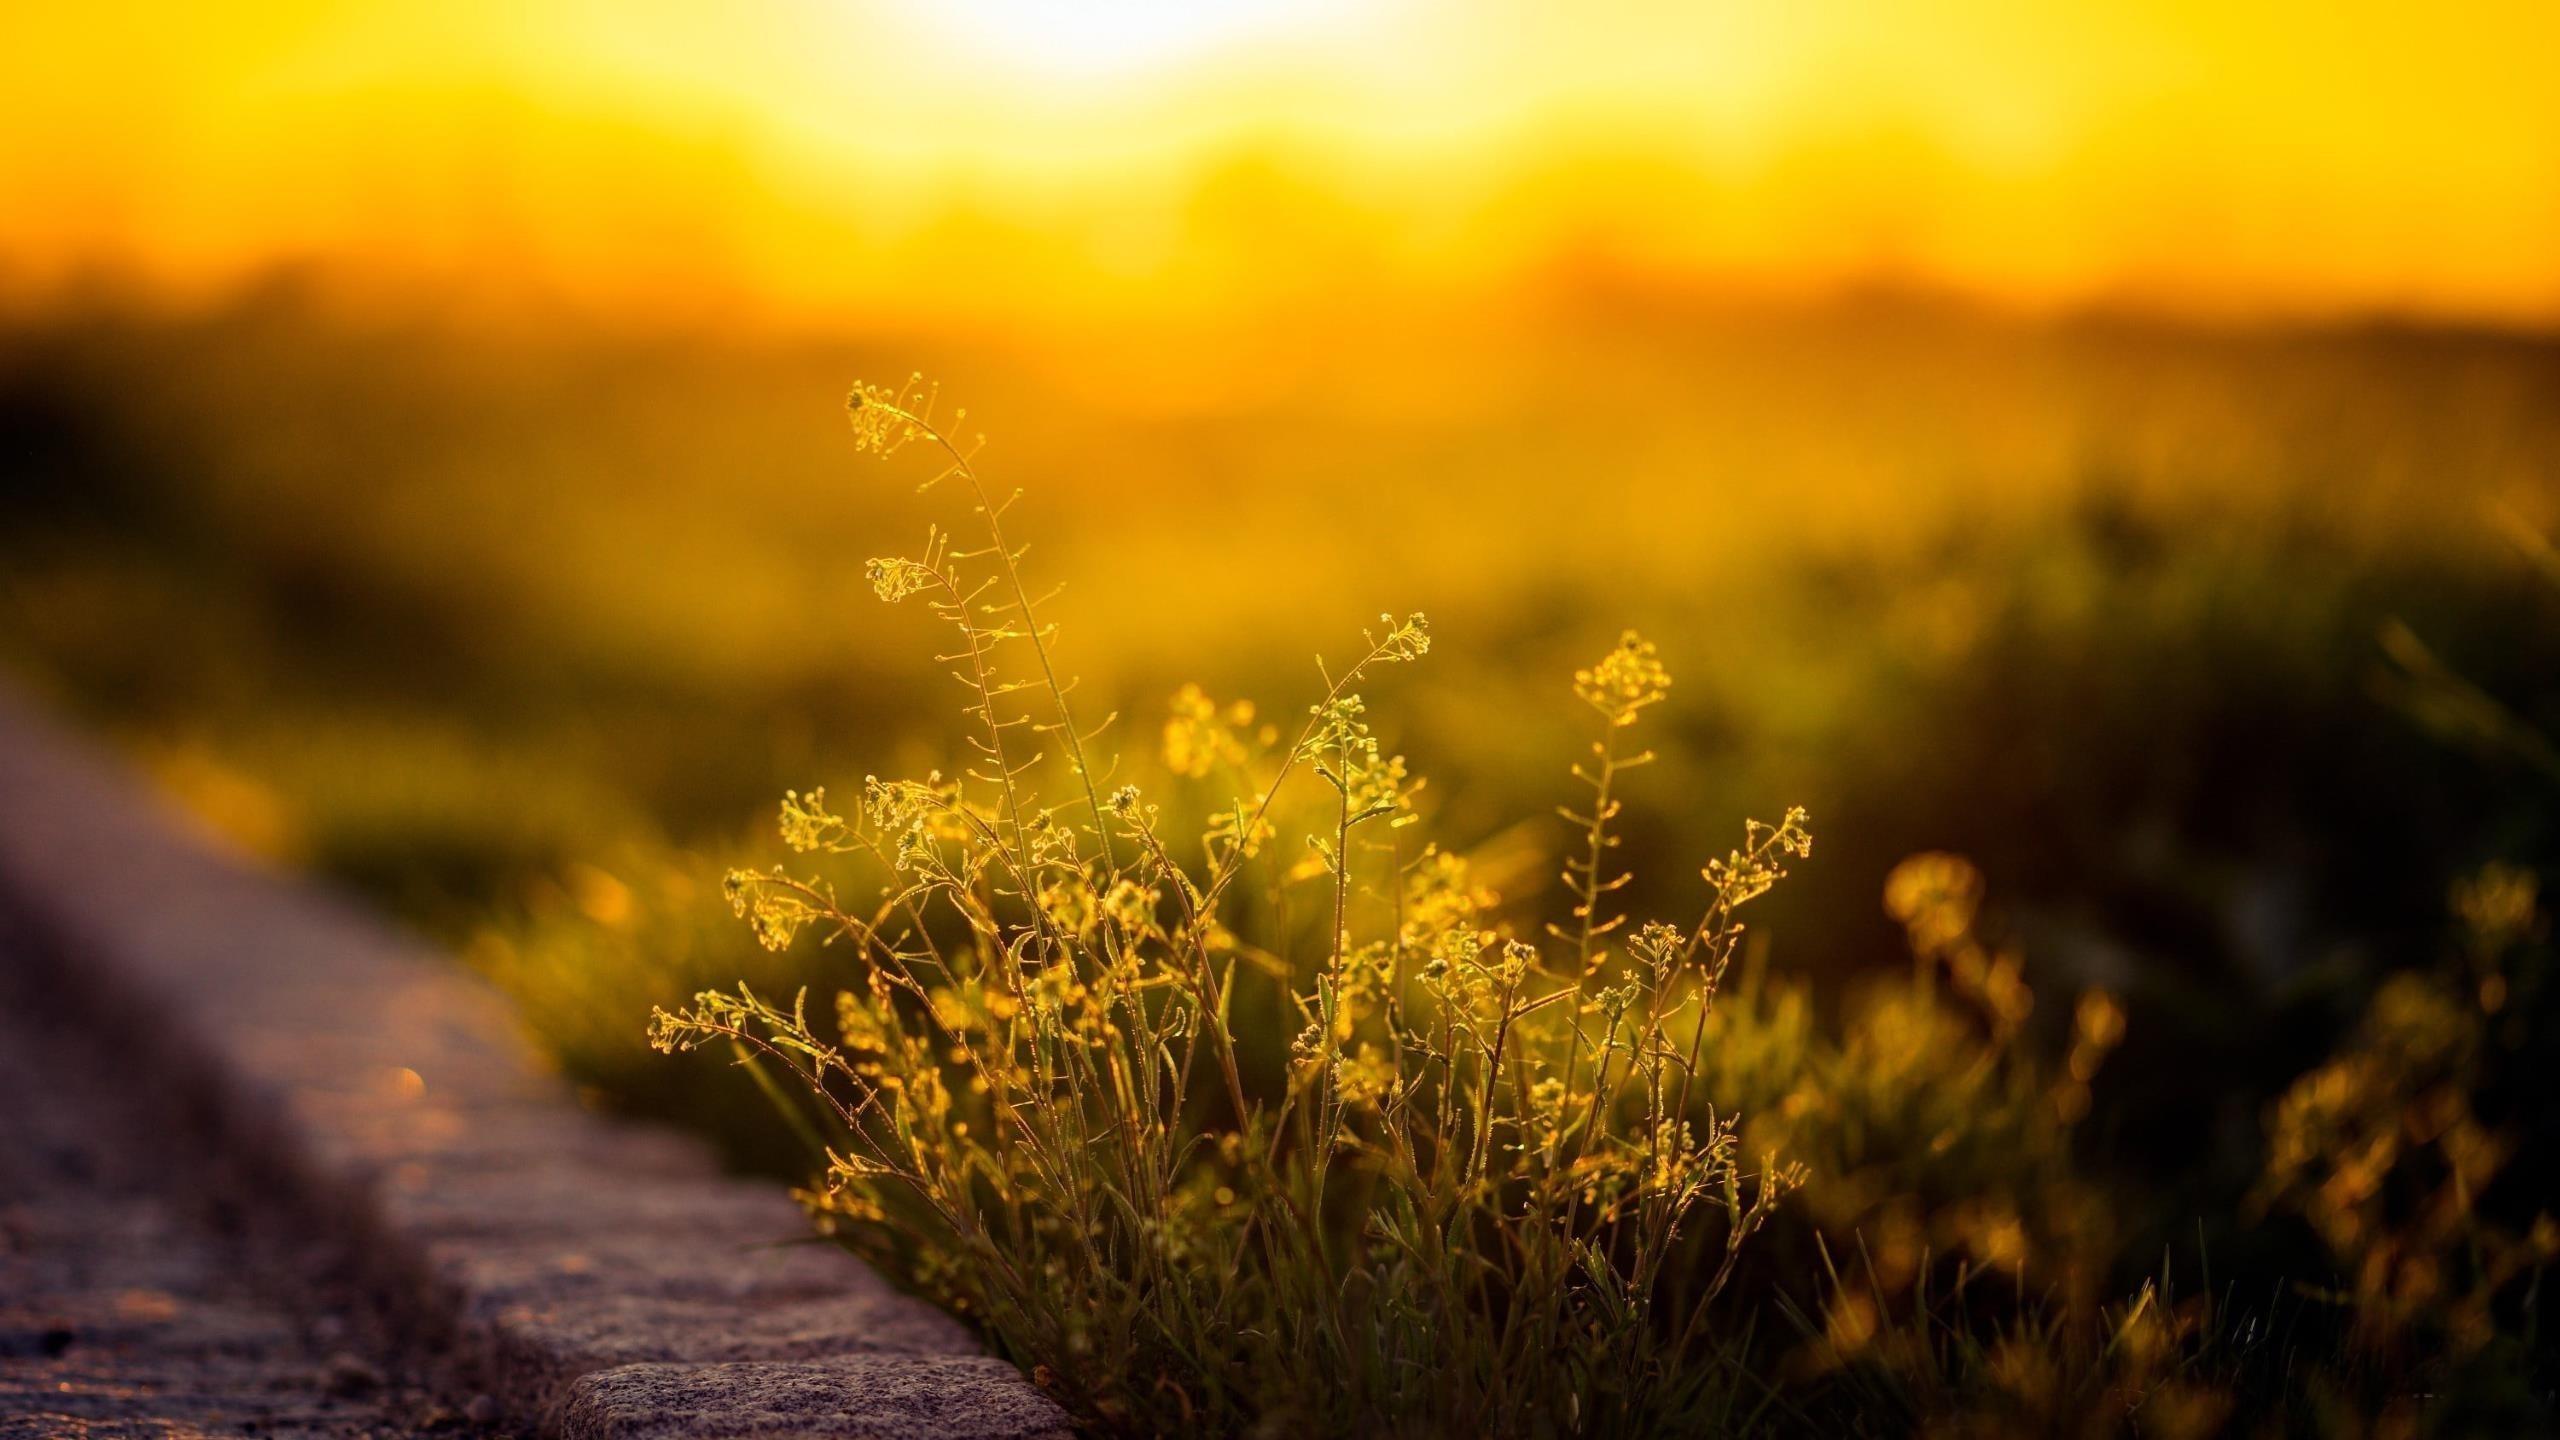 Зеленолистное растение с солнечным светом природа обои скачать